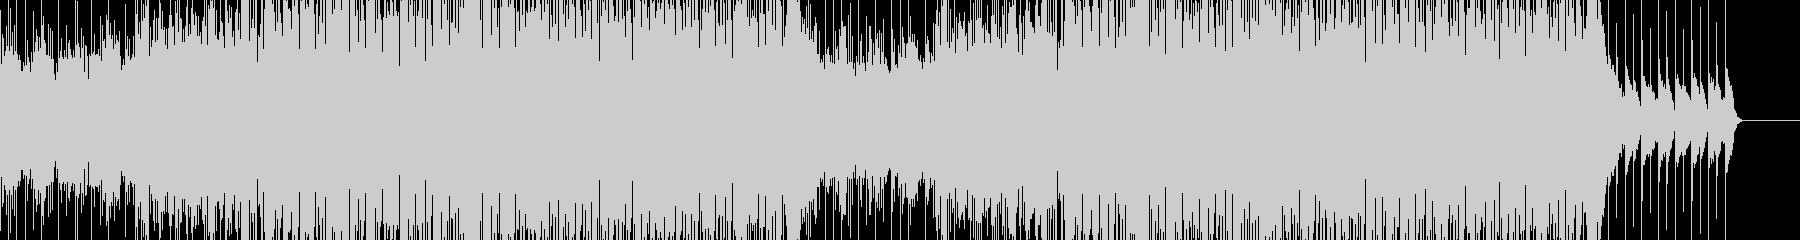 攻撃的なシンセとブレイクビーツの未再生の波形